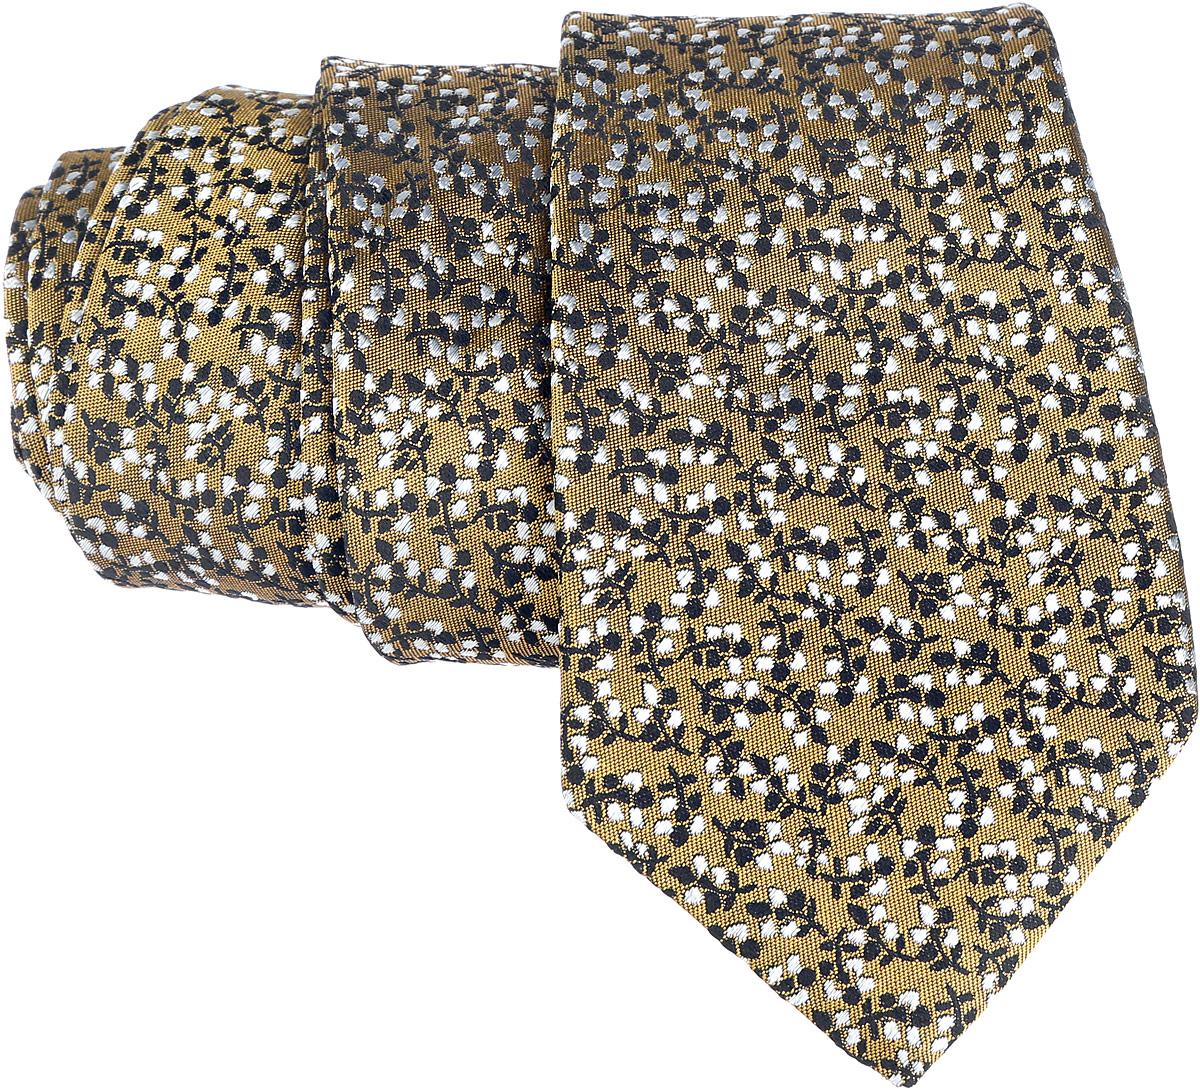 Галстук. 12.01411012.014110Стильный галстук BTC станет отличным завершающим штрихом вашего образа. Этот модный аксессуар порадует вас высоким качеством исполнения и современным дизайном. Изделие полностью выполнено из качественного шелка. Галстук оформлен оригинальным принтом. Такой оригинальный галстук подойдет как к повседневному, так и к официальному наряду, он позволит вам подчеркнуть свою индивидуальность и создать свой неповторимый стиль.